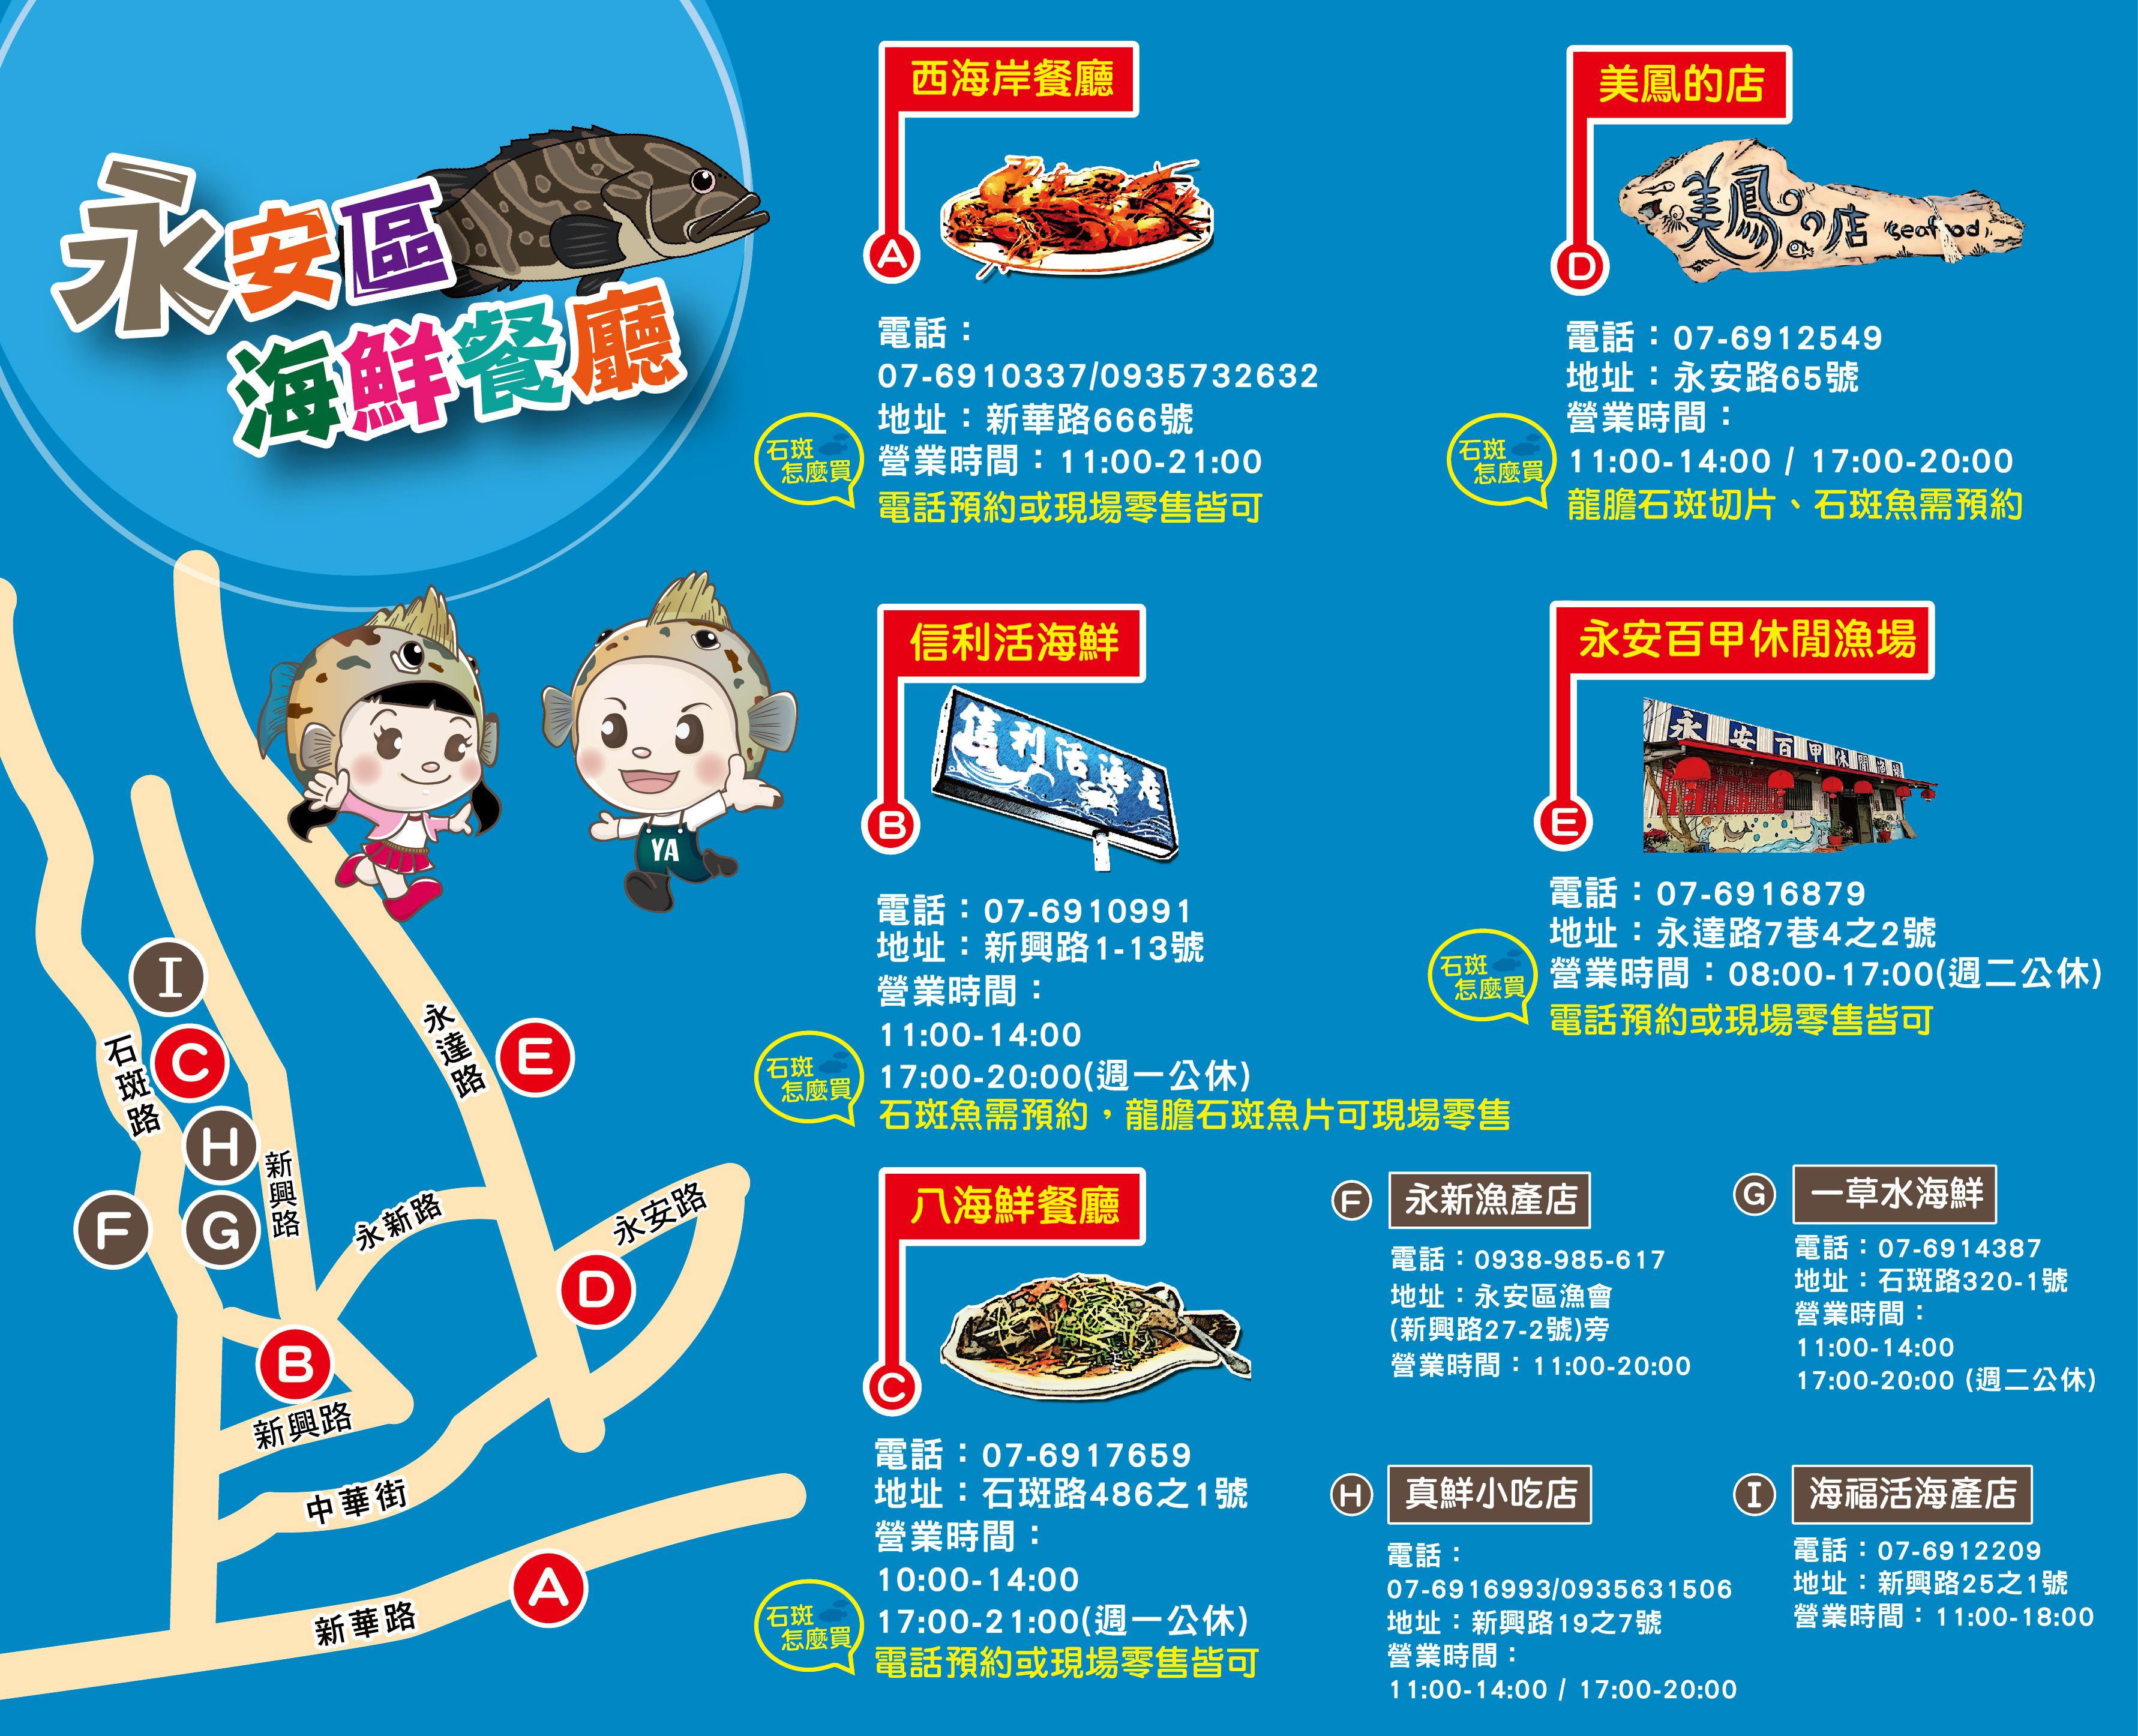 永安區海鮮餐廳地圖